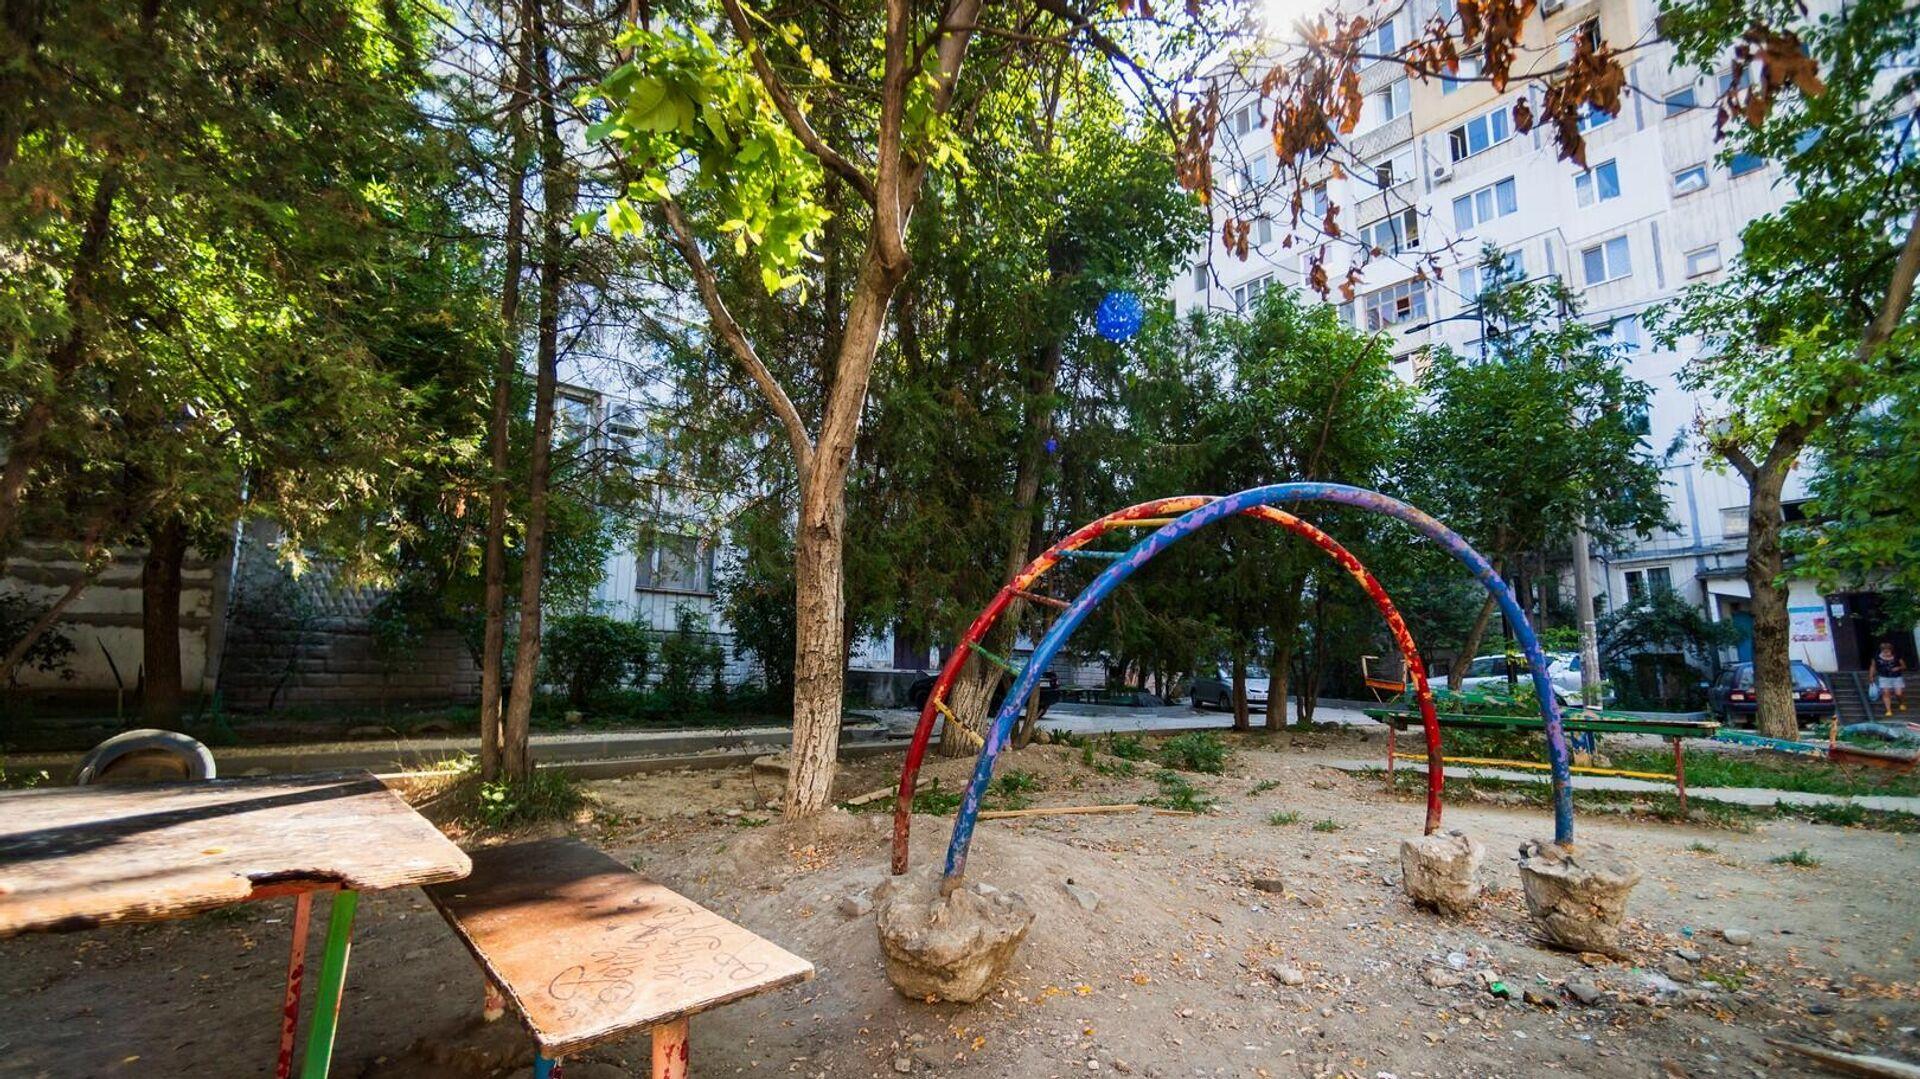 Детская площадка в Симферополе - РИА Новости, 1920, 13.09.2021